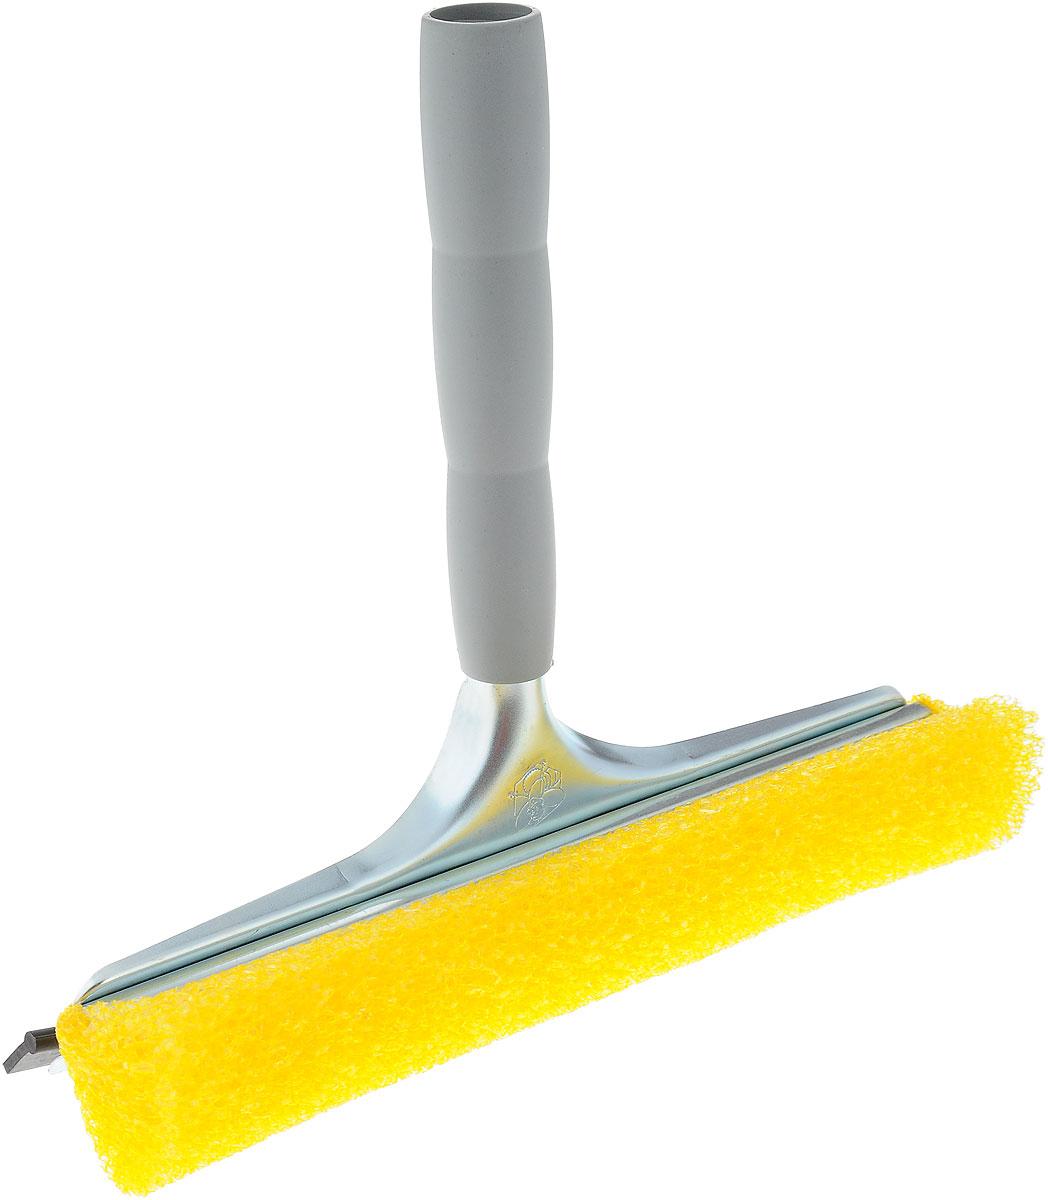 Стеклоочиститель Mosquito, с водосгоном, цвет: желтый, серый, 25 смLT58-81_жёлтыйСтеклоочиститель Mosquito, оснащенный удобной пластиковой ручкой, станет незаменимым помощником при уборке. Он стирает жидкость со стекла, благодаря губке, выполненной из вспененного полиэтилена, а для полного вытирания имеется резиновый водосгон. Длина ручки: 18,5 см. Ширина рабочей поверхности: 25 см.